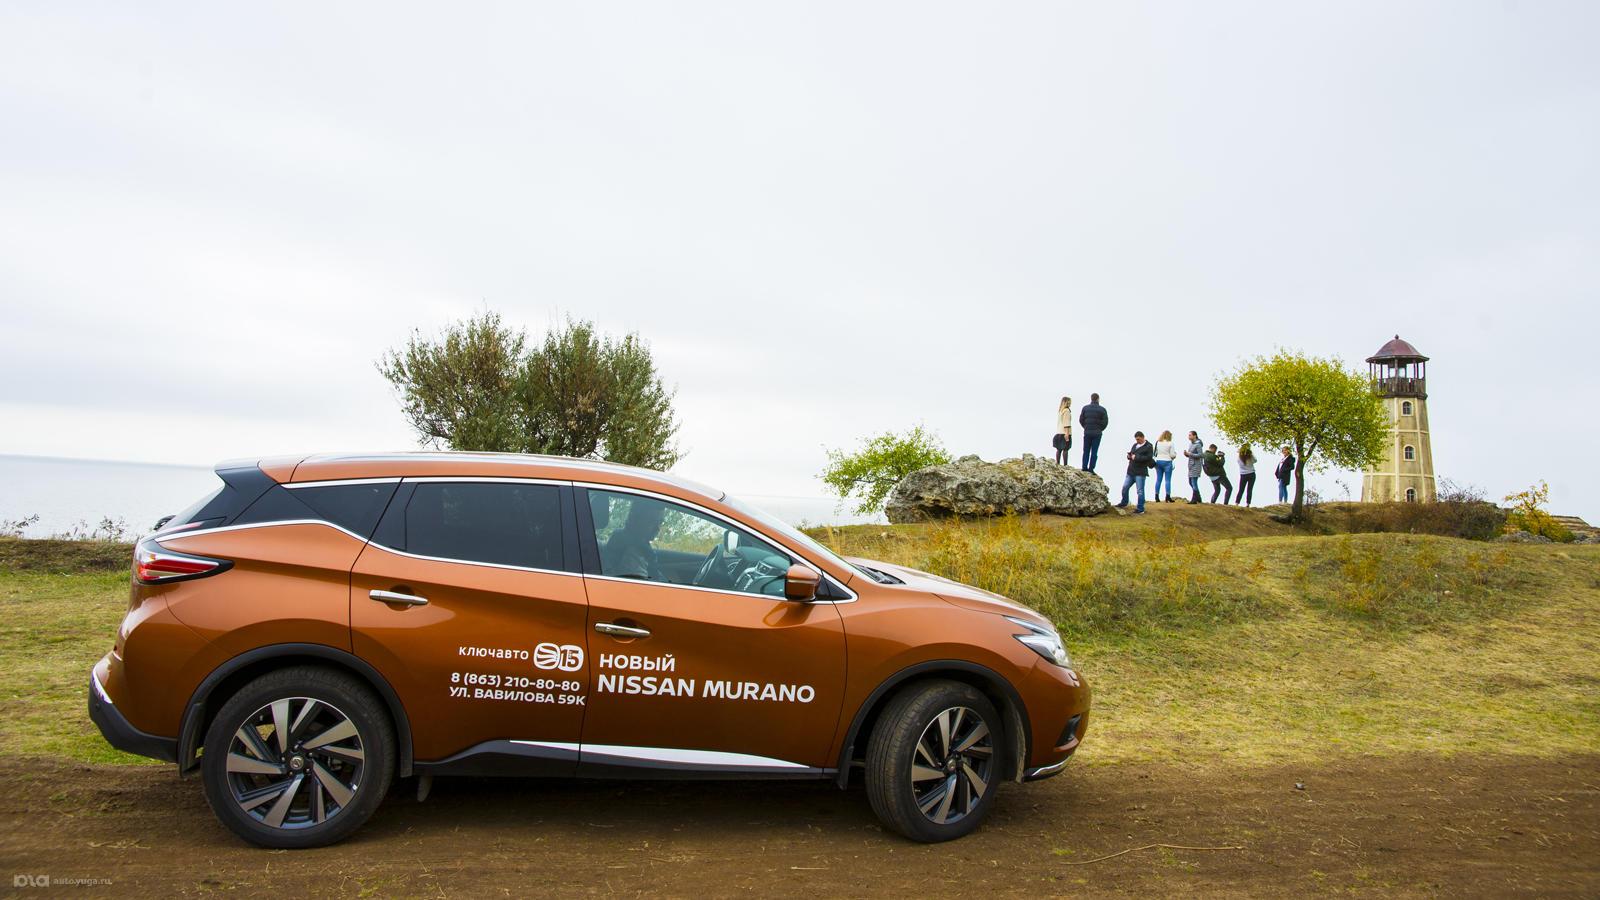 Итог: для путешествий Nissan Murano подходит отлично